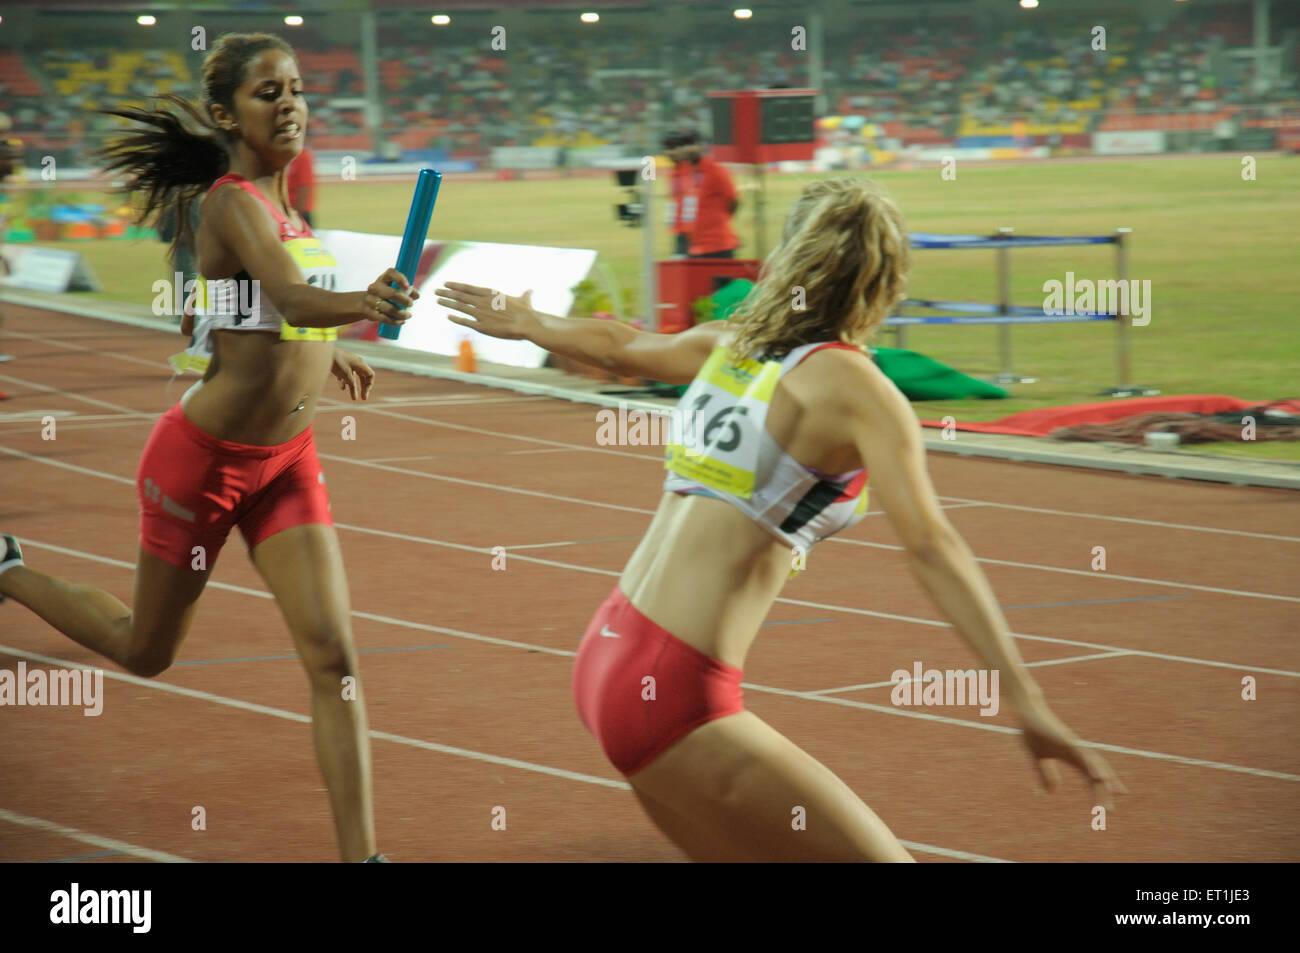 Athlète étranger passant baton à un autre athlète; Pune Maharashtra; Inde; Photo Stock